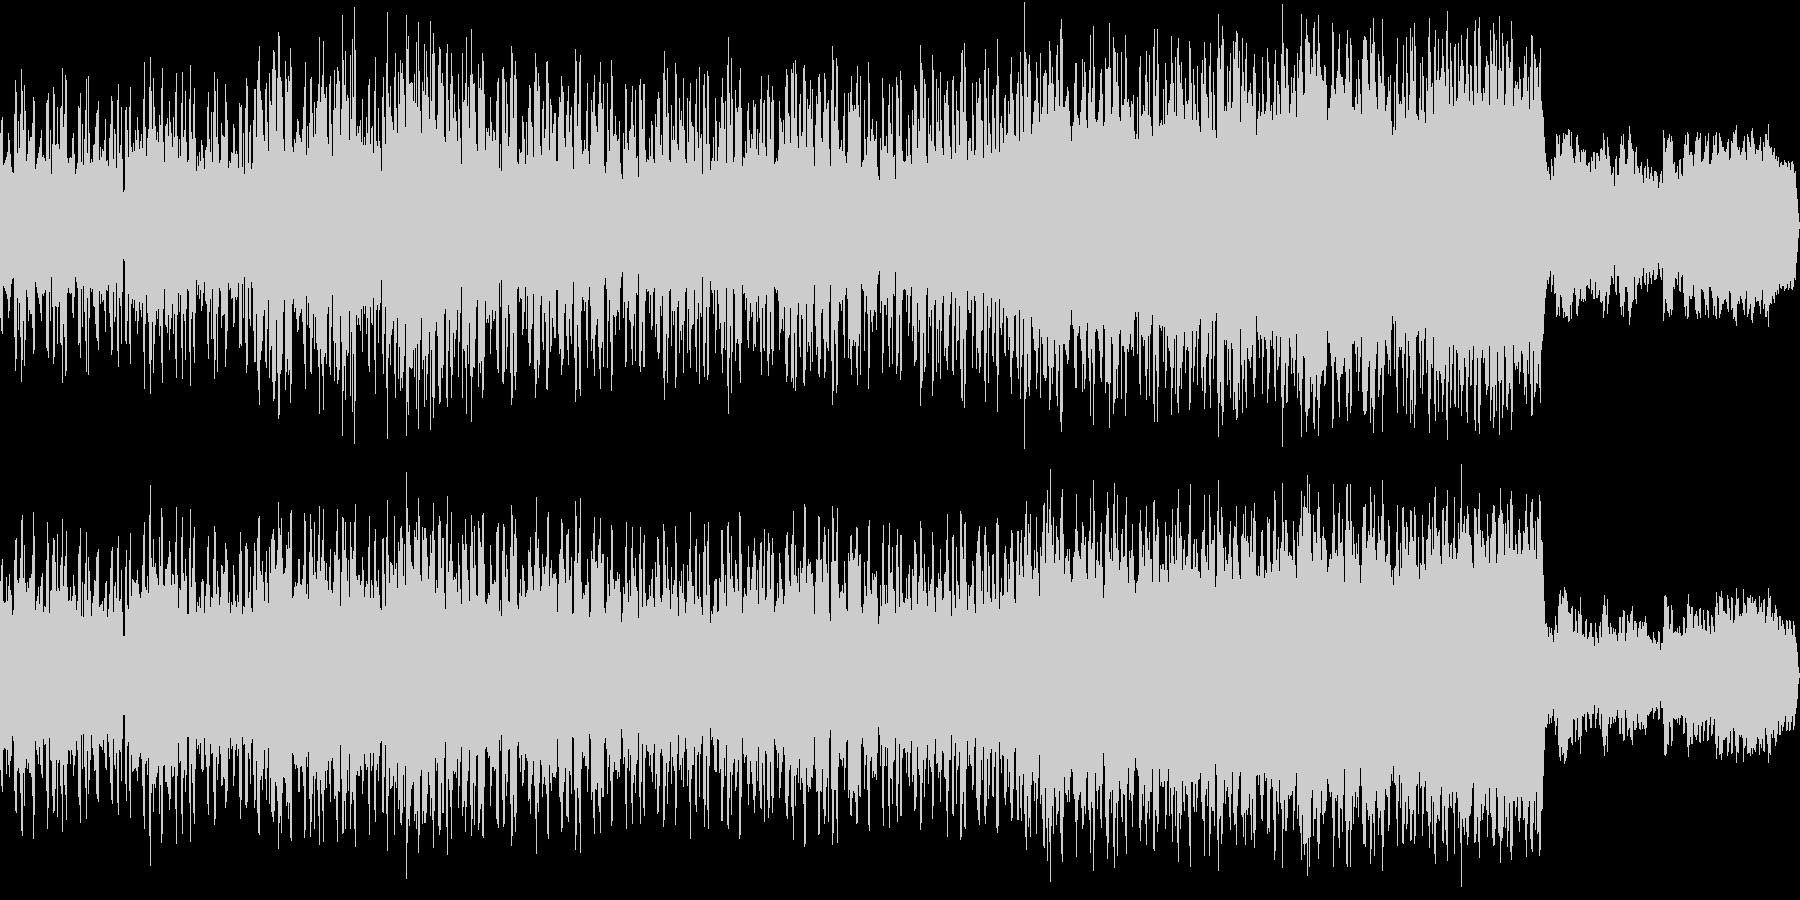 「和風」「秋」のイメージで作成した音楽…の未再生の波形